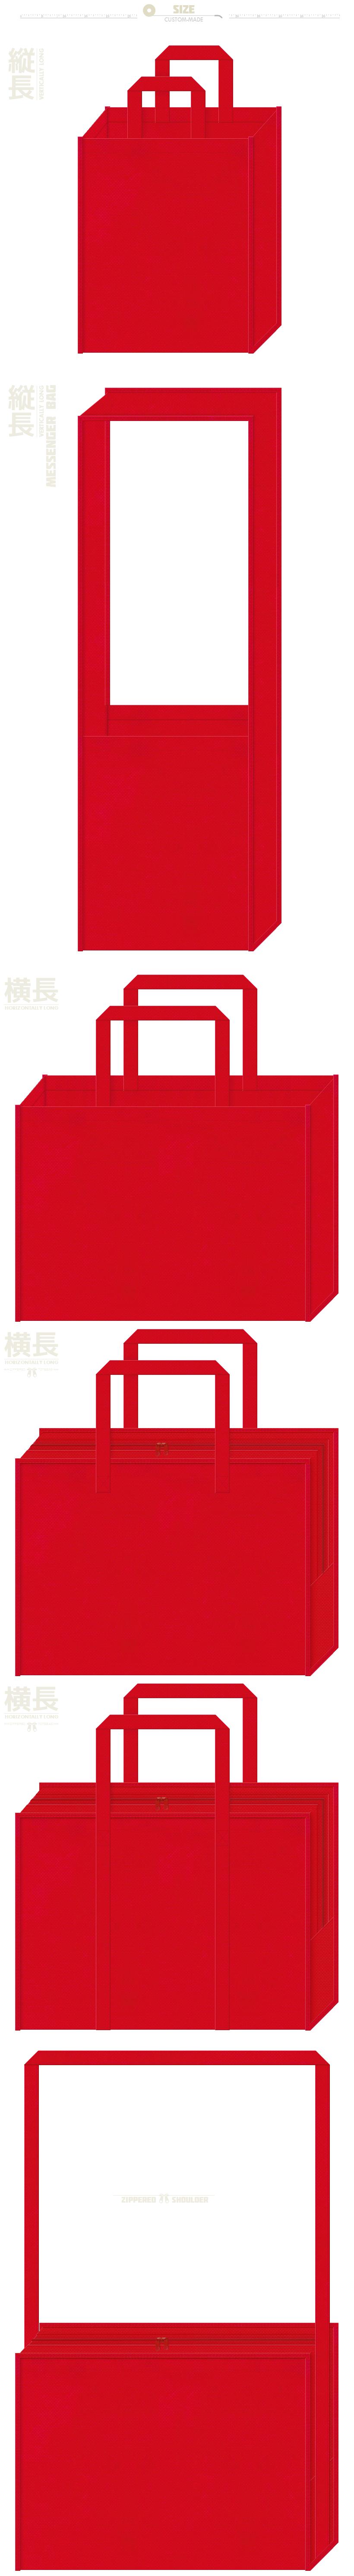 紅色の不織布バッグにお奨めのイメージ:太陽・紅葉・ハート・カーネーション・母の日・還暦・スイカ・イチゴ・トマト・ケチャップ・唐辛子・金魚・炎・暖房・消防・献血・国旗・クリスマス・赤鬼・赤備え・お正月・福袋